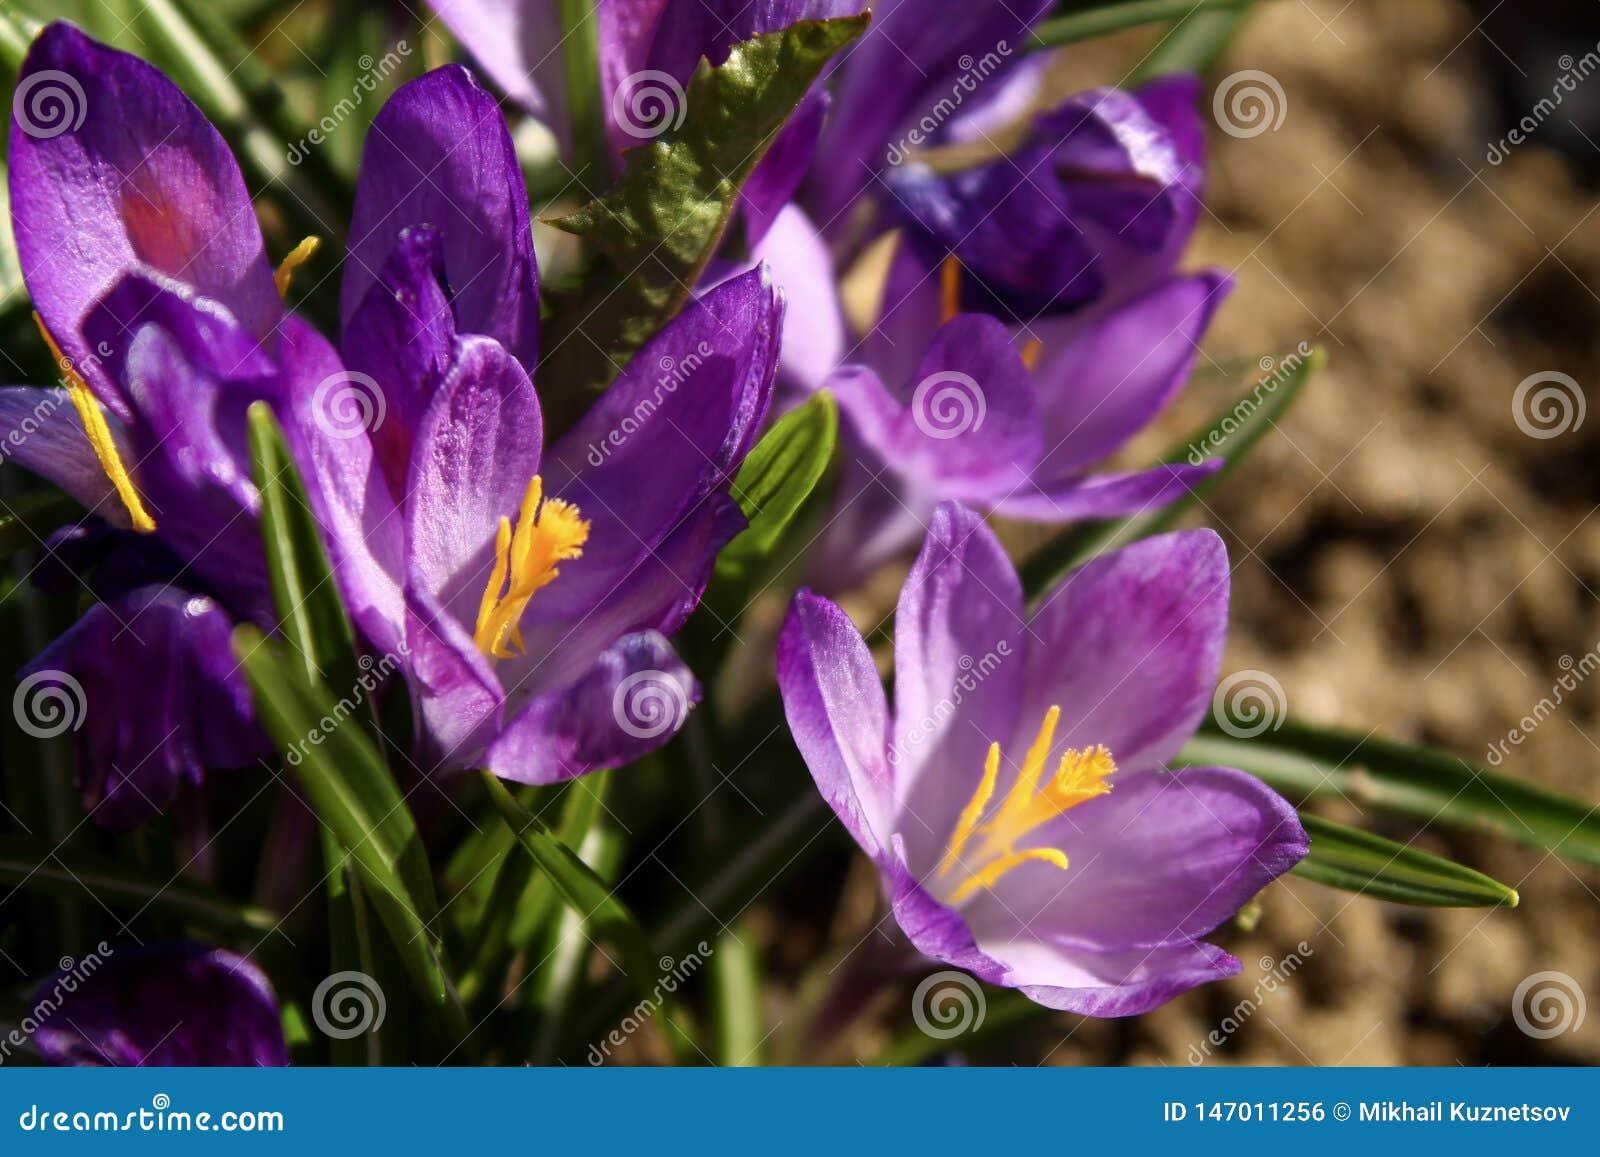 Vista próxima de uma flor pequena da campânula